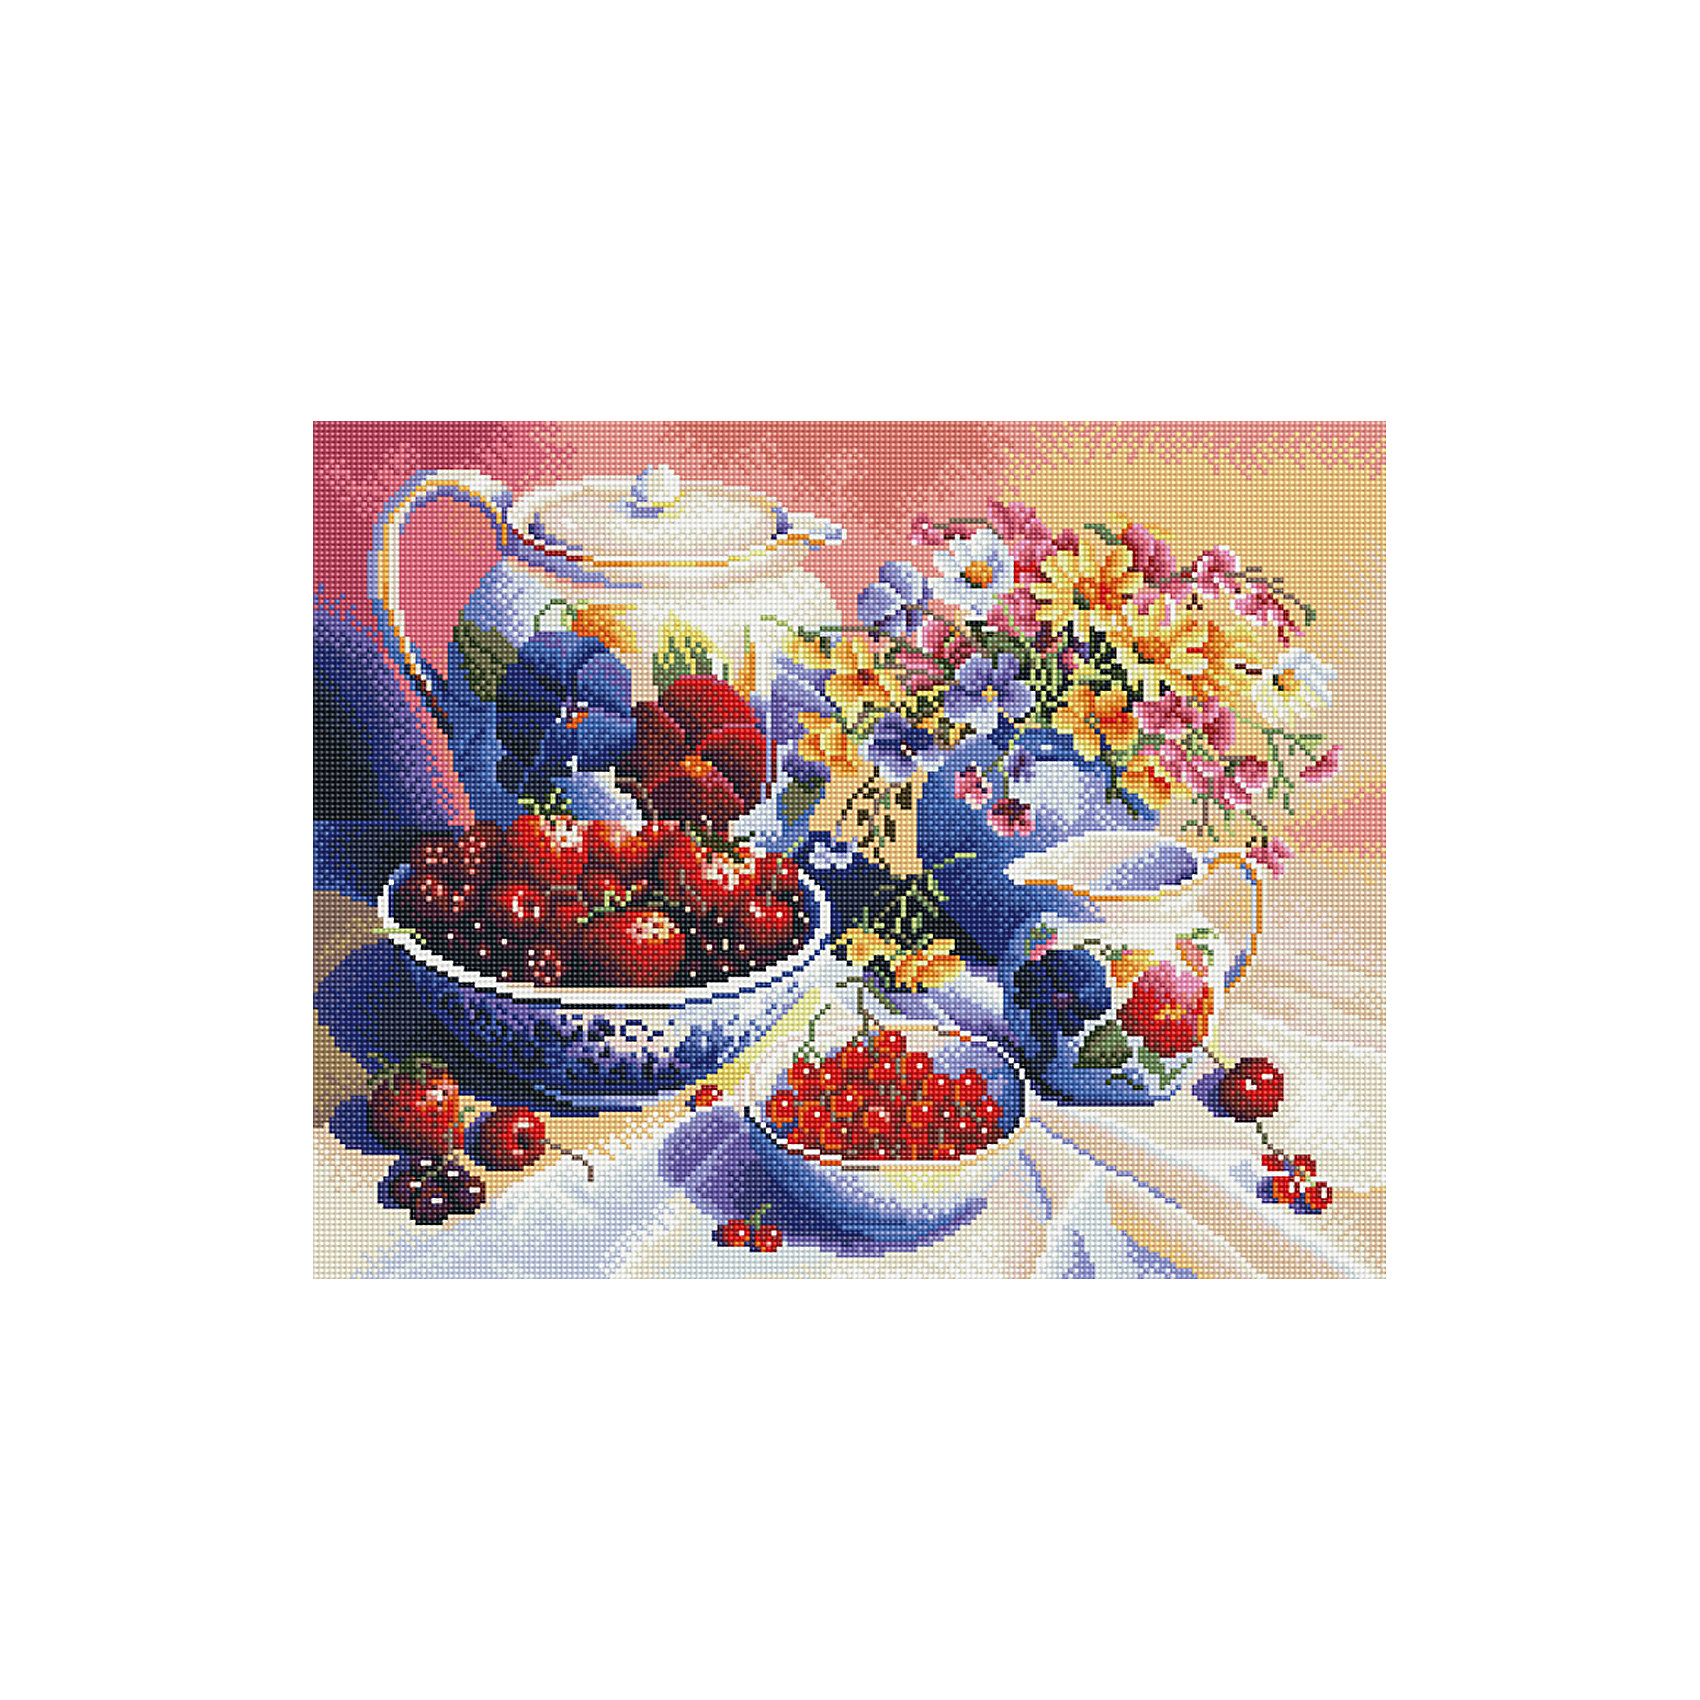 Алмазная мозаика Натюрморт с ягодами 40*50 смМозаика детская<br>Характеристики товара:<br><br>• размер: 40x50 см<br>• размер упаковки: 42x52х5 см<br>• комплектация: холст 40х50 см, комплект искусственных камней, пинцет, пластмассовый лоток для камней, пластмассовый карандаш для камней, клей<br>• материал: акрил, текстиль, пластик<br>• не требует специальных навыков<br>• для творчества<br>• страна бренда: Российская Федерация<br>• страна производства: Китай<br><br>Алмазная мозаика в настоящий момент очень популярна, и это не удивительно! С помощью подобных наборов можно создавать красивые переливающиеся картины, при этом совсем не обязательно иметь опыт рукоделия. В набор для создания алмазной мозаики входит основа, на которую нужно наклеить небольшие камни - поля пронумерованы, поэтому найти для них правильное место не составит труда. В итоге получается картина, которой можно украсить помещение или подарить кому-то!<br>Набор станет отличным подарком для взрослых и детей. Подобные занятия помогают ребенку развивать важные навыки и способности, они активизирует мышление, формируют усидчивость, логику, абстрактное мышление и воображение. Изделие производится из качественных и проверенных материалов, которые безопасны для детей.<br><br>Алмазную мозаику по номерам Натюрморт с ягодами 40*50 см с прозрачными стразами от бренда Tukzar можно купить в нашем интернет-магазине.<br><br>Ширина мм: 420<br>Глубина мм: 520<br>Высота мм: 50<br>Вес г: 900<br>Возраст от месяцев: 96<br>Возраст до месяцев: 2147483647<br>Пол: Женский<br>Возраст: Детский<br>SKU: 5217124